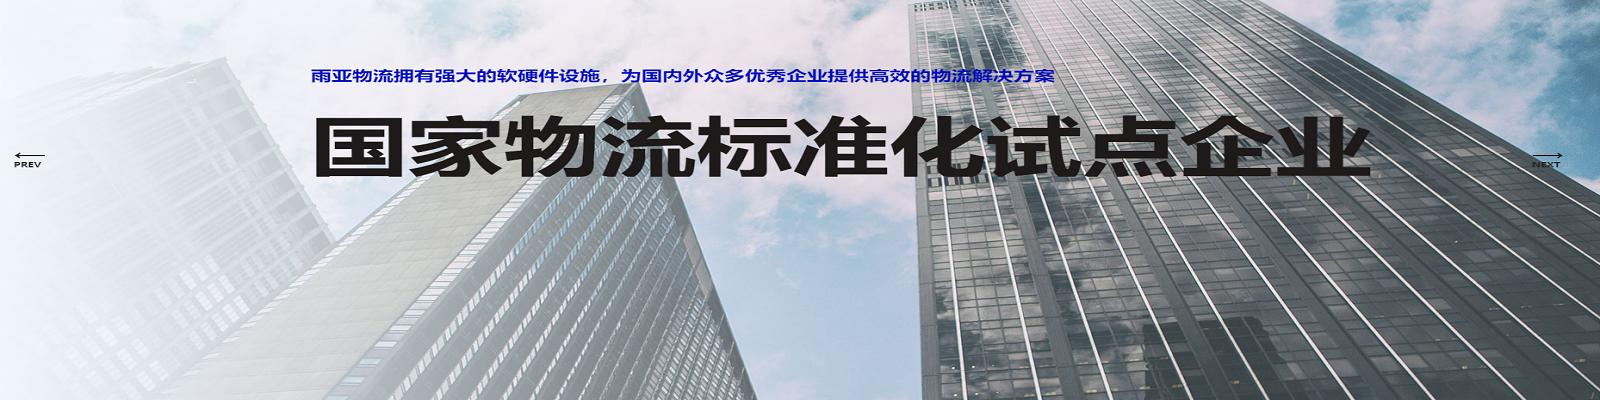 江苏雨亚物流有限公司